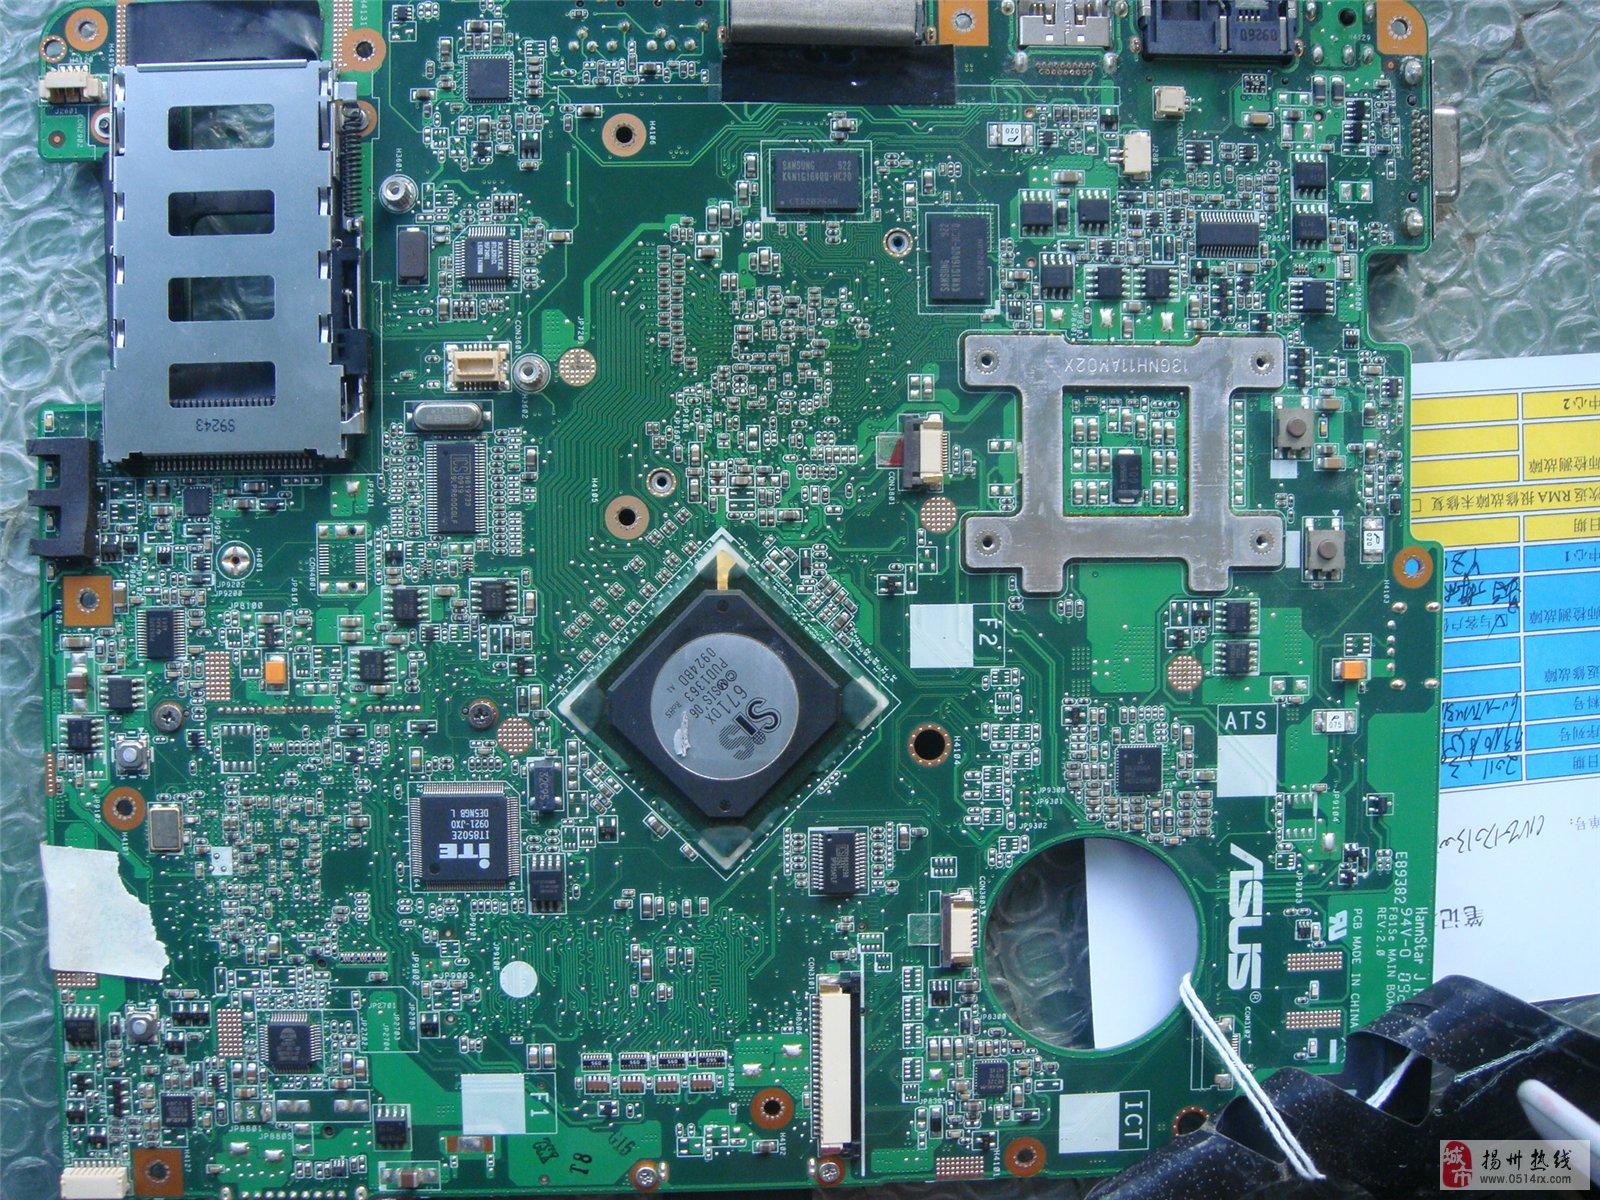 扬州华硕笔记本电脑主板故障现象特征